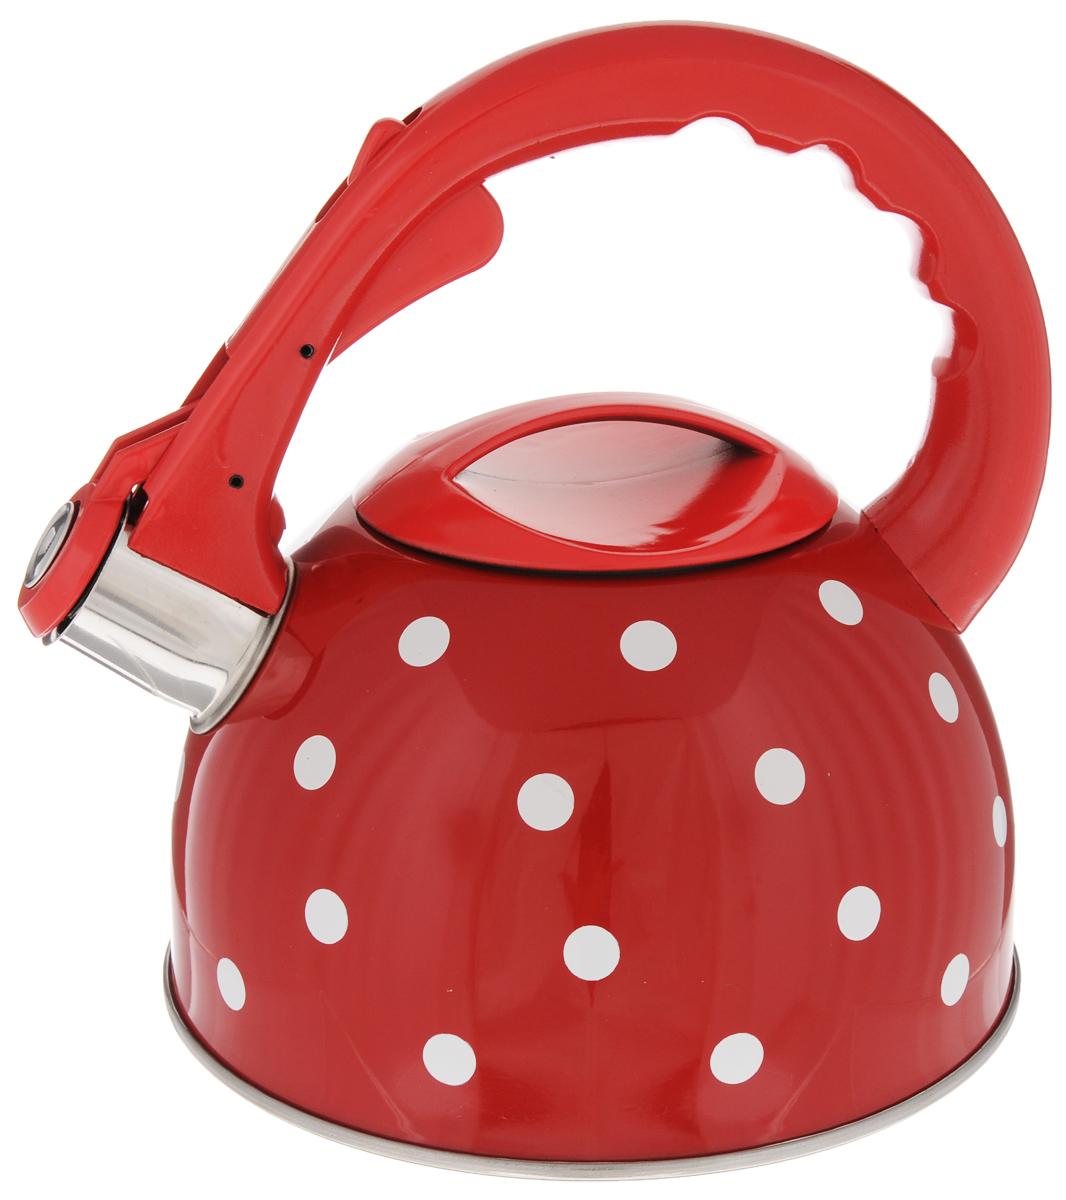 Чайник Mayer & Boch Горох, со свистком, 2,5 л. 2604626046Чайник со свистком Mayer & Boch изготовлен из высококачественной нержавеющей стали, что обеспечивает долговечность использования. Носик чайника оснащен откидным свистком, звуковой сигнал которого подскажет, когда закипит вода. Фиксированная ручка, изготовленная из пластика и цинка, снабжена клавишей для открывания носика, что делает использование чайника очень удобным и безопасным.Чайник Mayer & Boch - качественное исполнение и стильное решение для вашей кухни. Подходит для всех типов плит, включая индукционные. Можно мыть в посудомоечной машине. Высота чайника (с учетом ручки): 22,5 см.Высота чайника (без учета ручки и крышки): 12 см.Диаметр чайника (по верхнему краю): 10 см.Диаметр основания: 19 см.